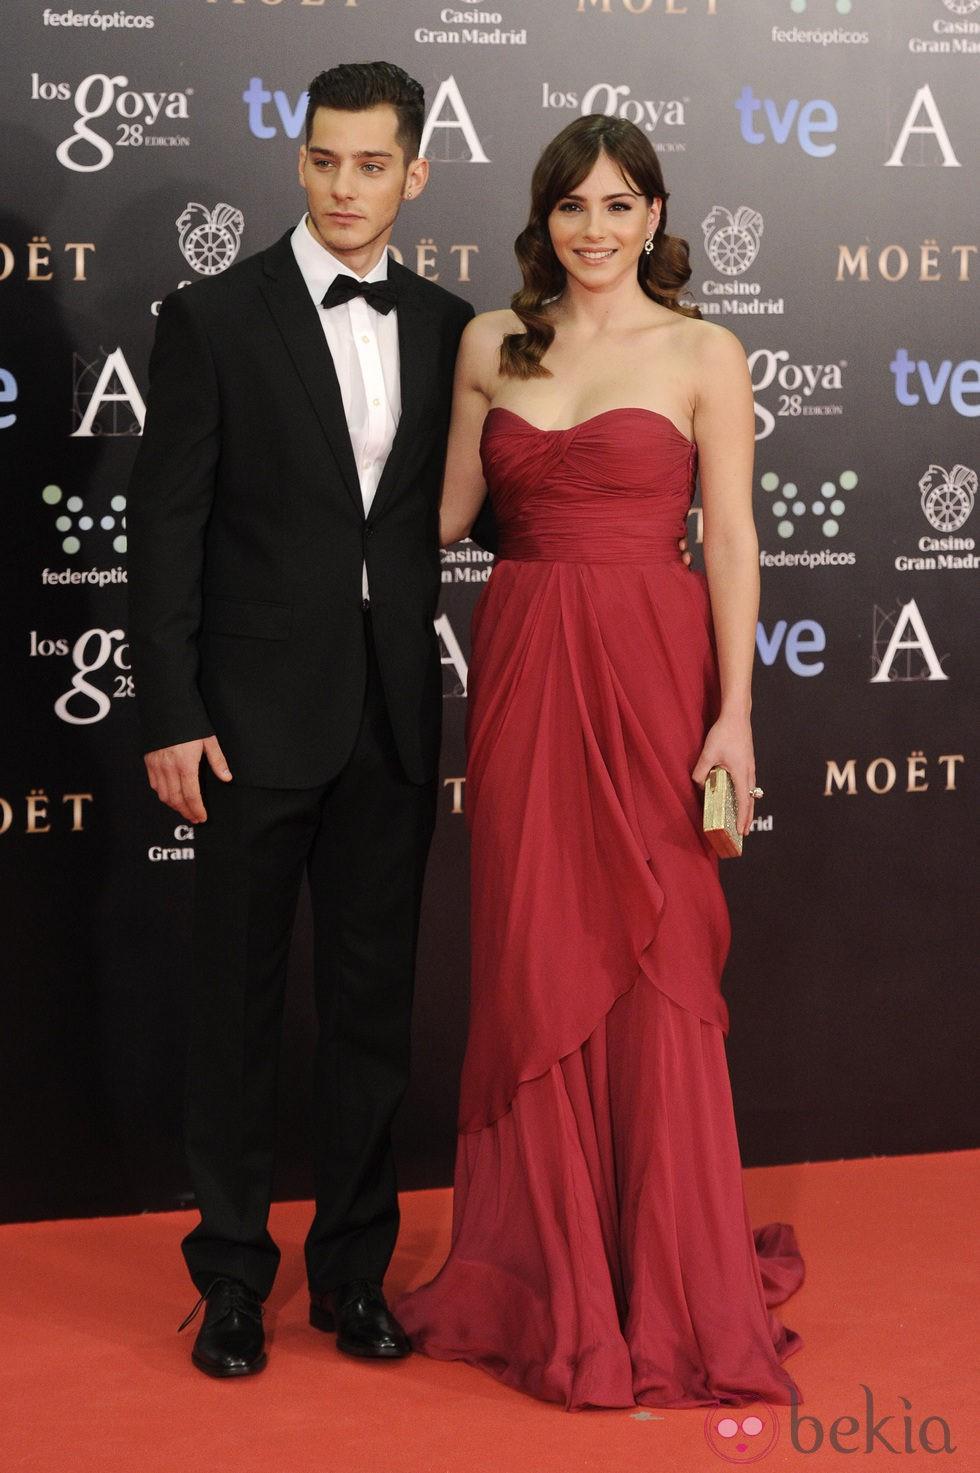 Joel Bosqued y Andrea Duro en los Goya 2014